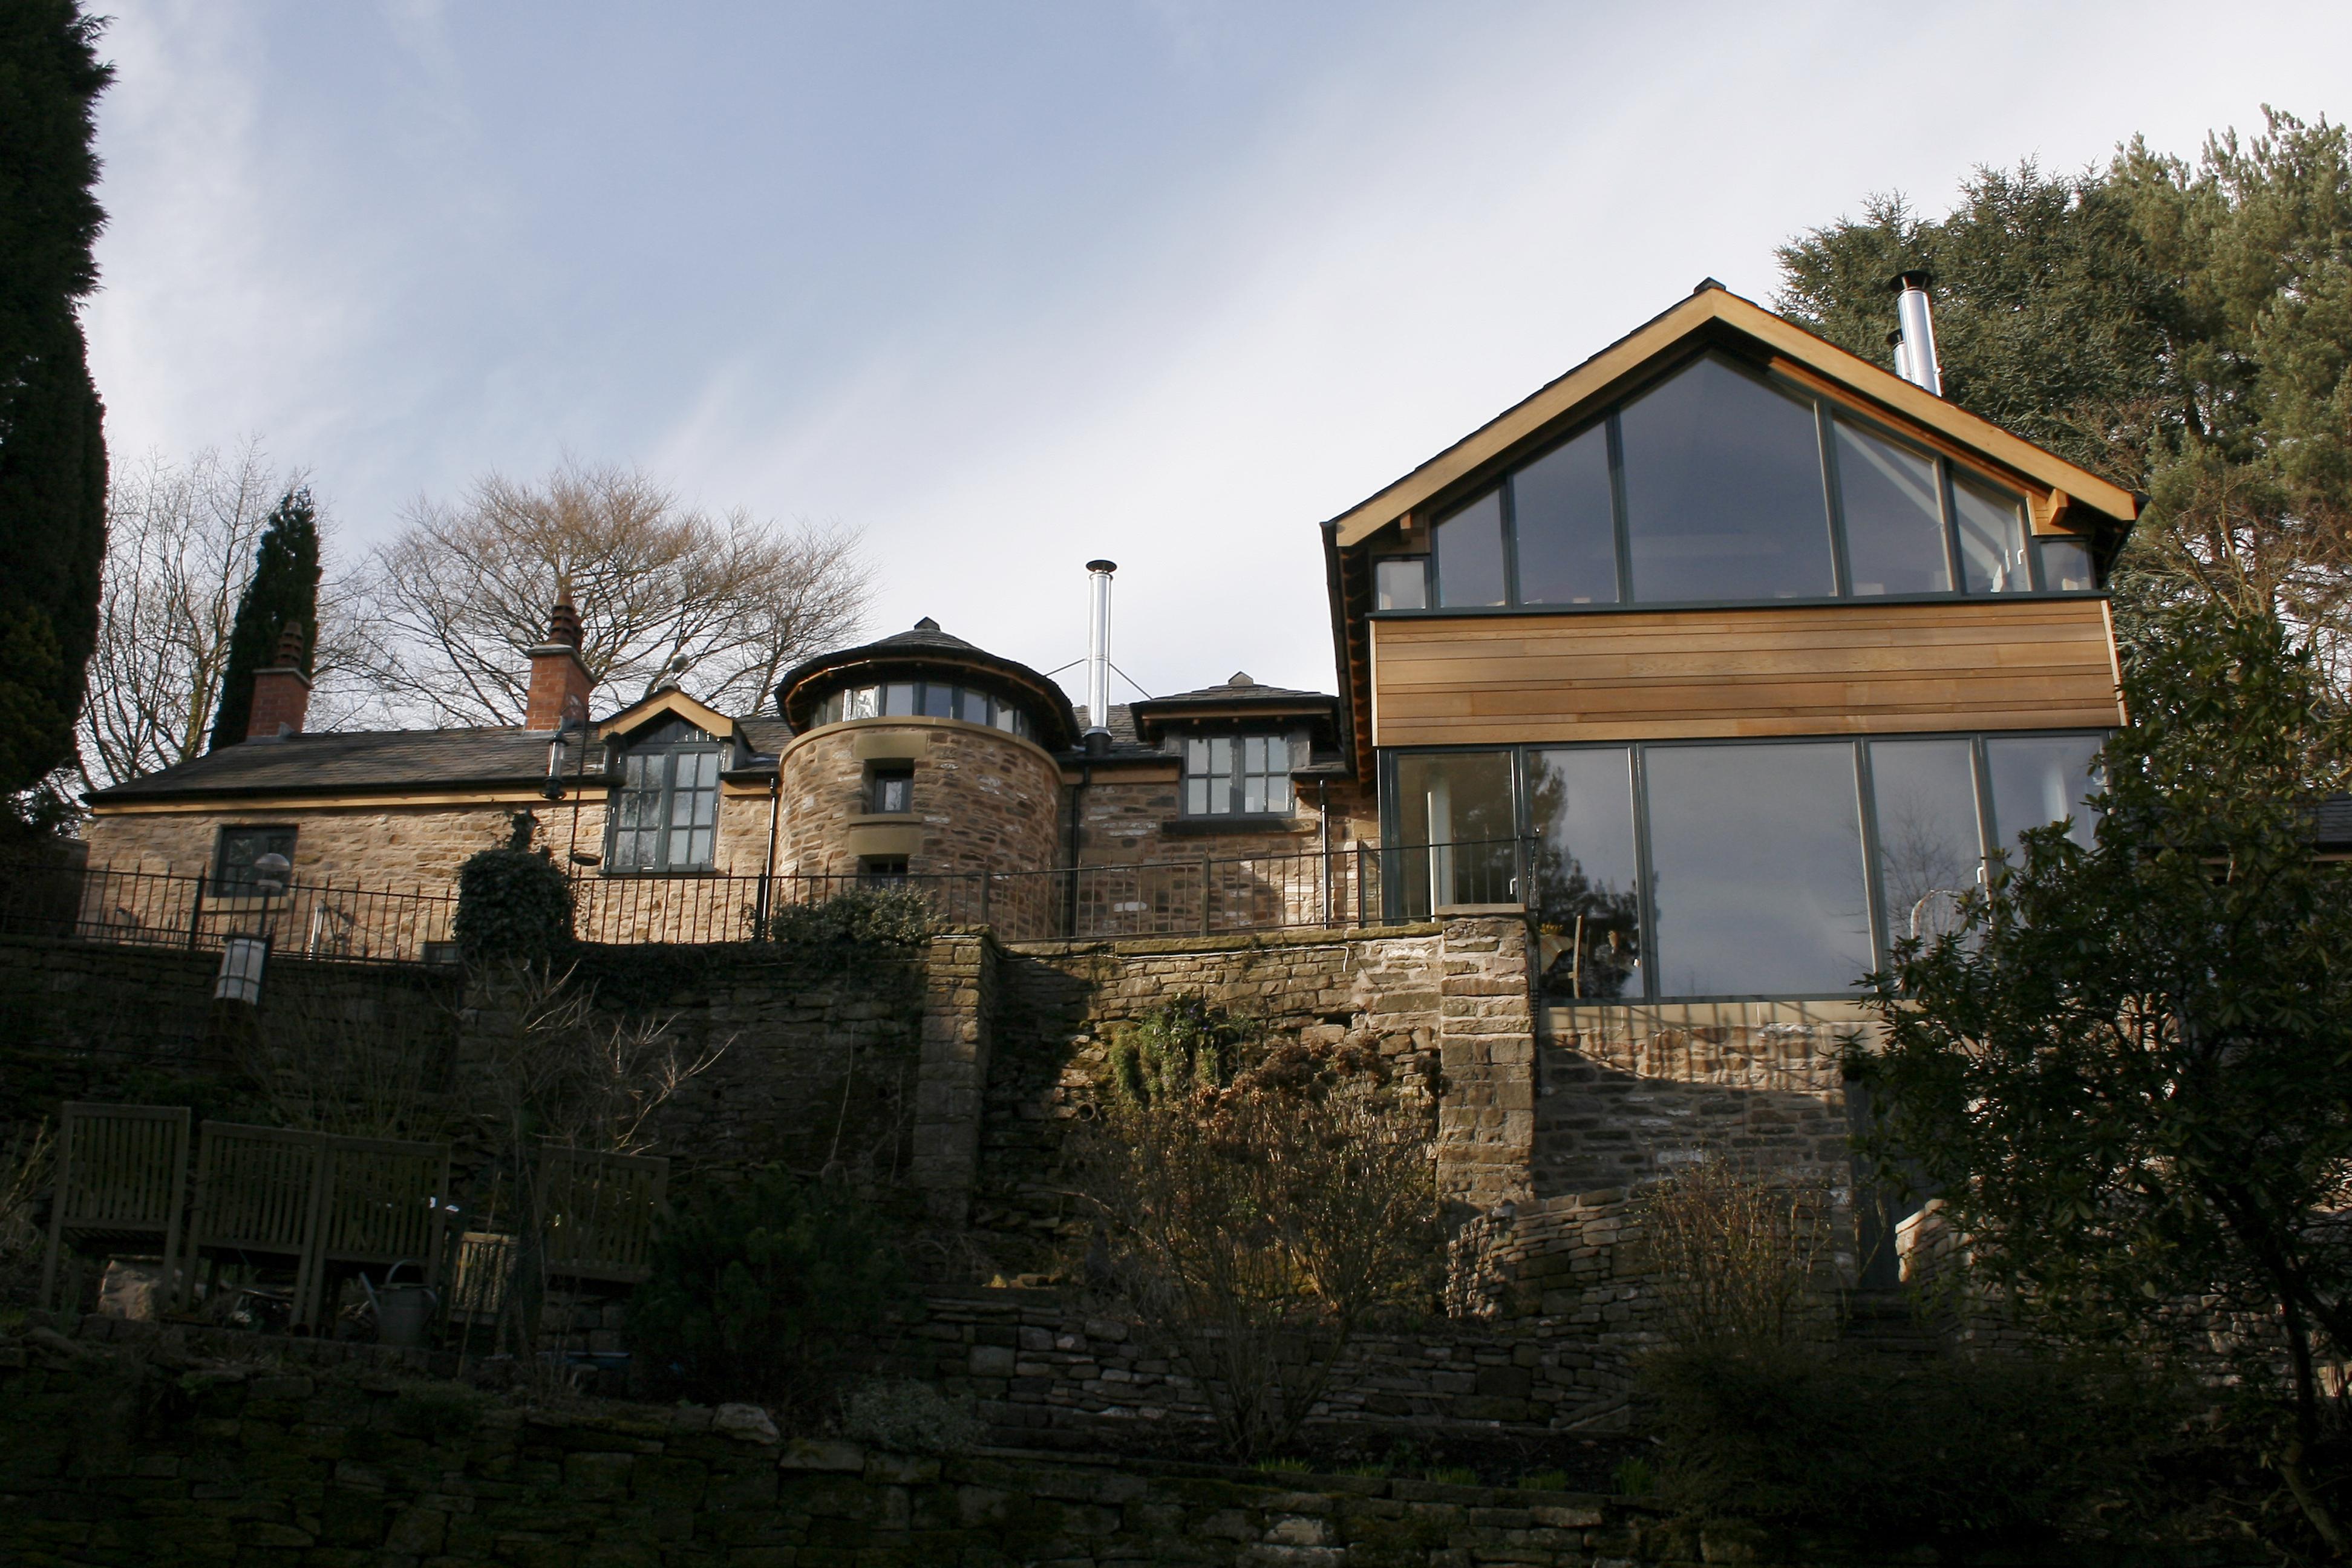 Sanders House External 3